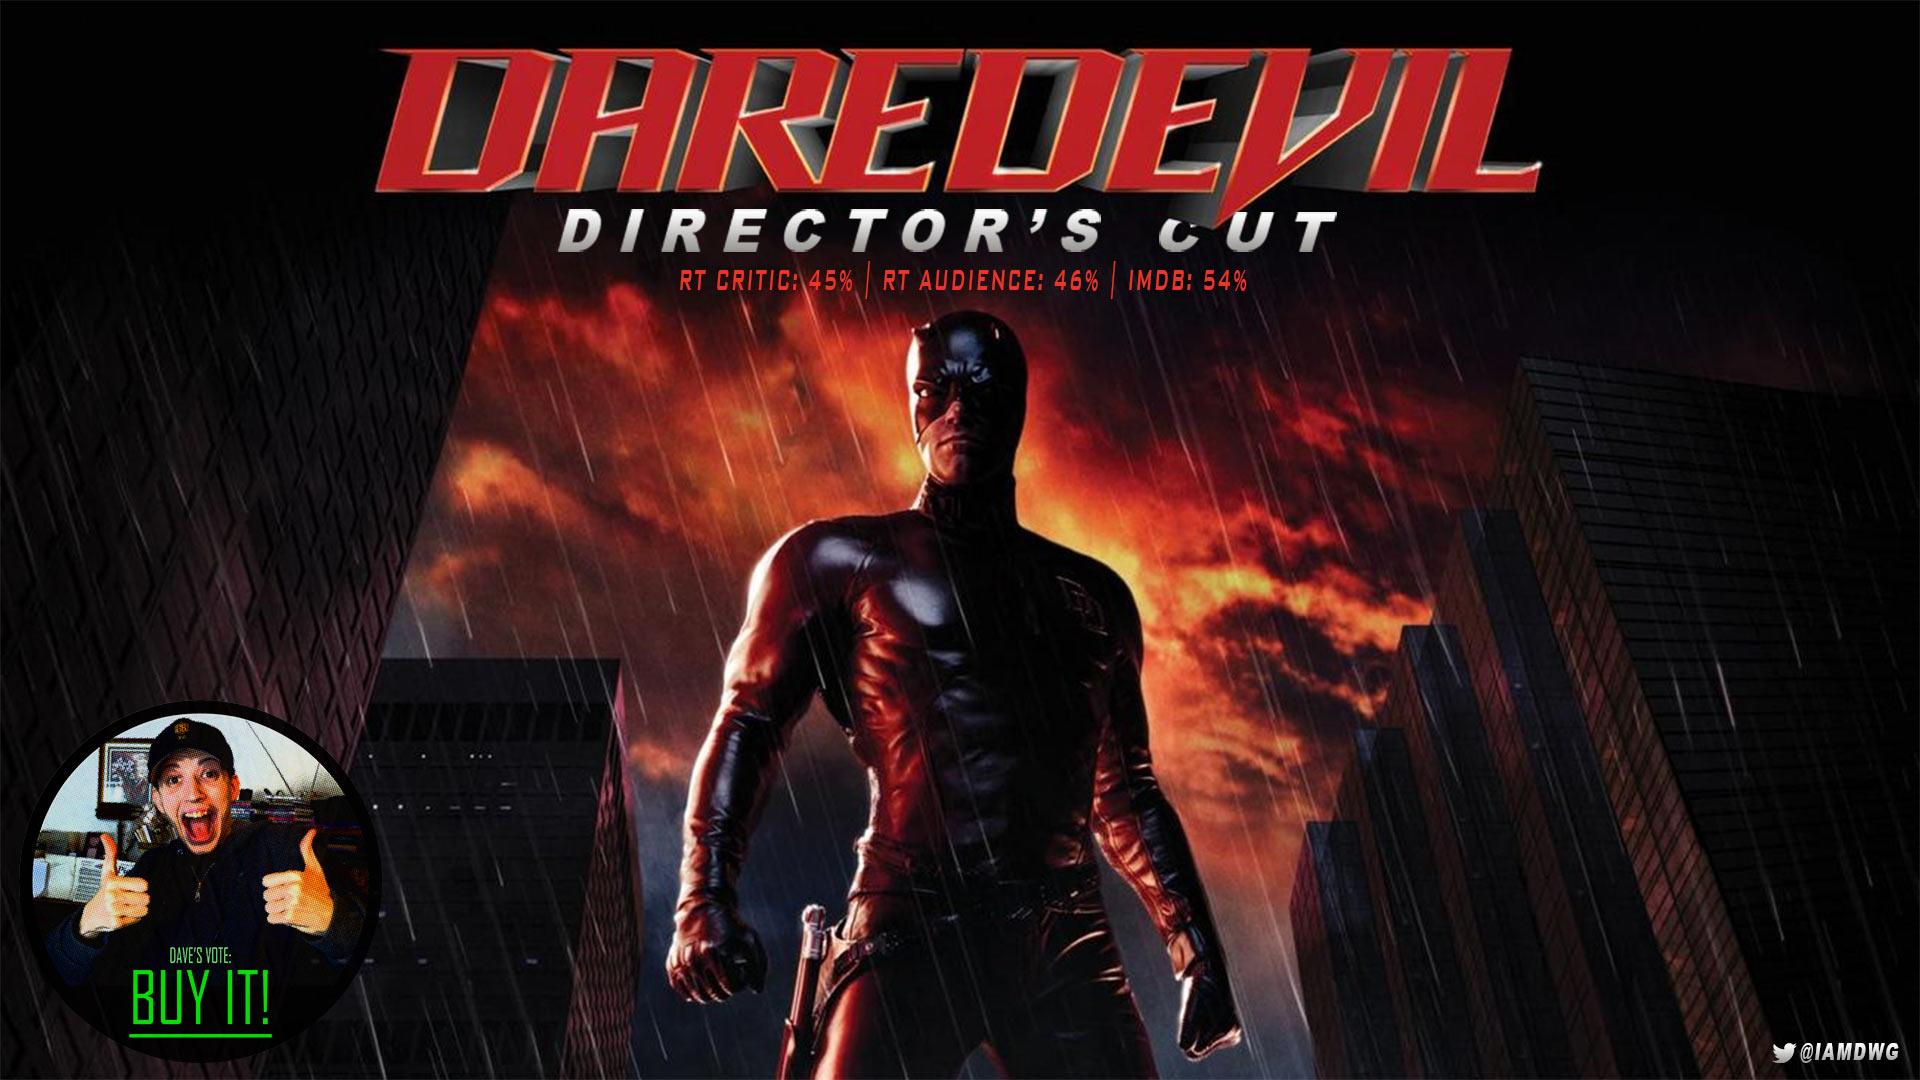 Daredevil Directors Cut 2003 Dave Examines Movies